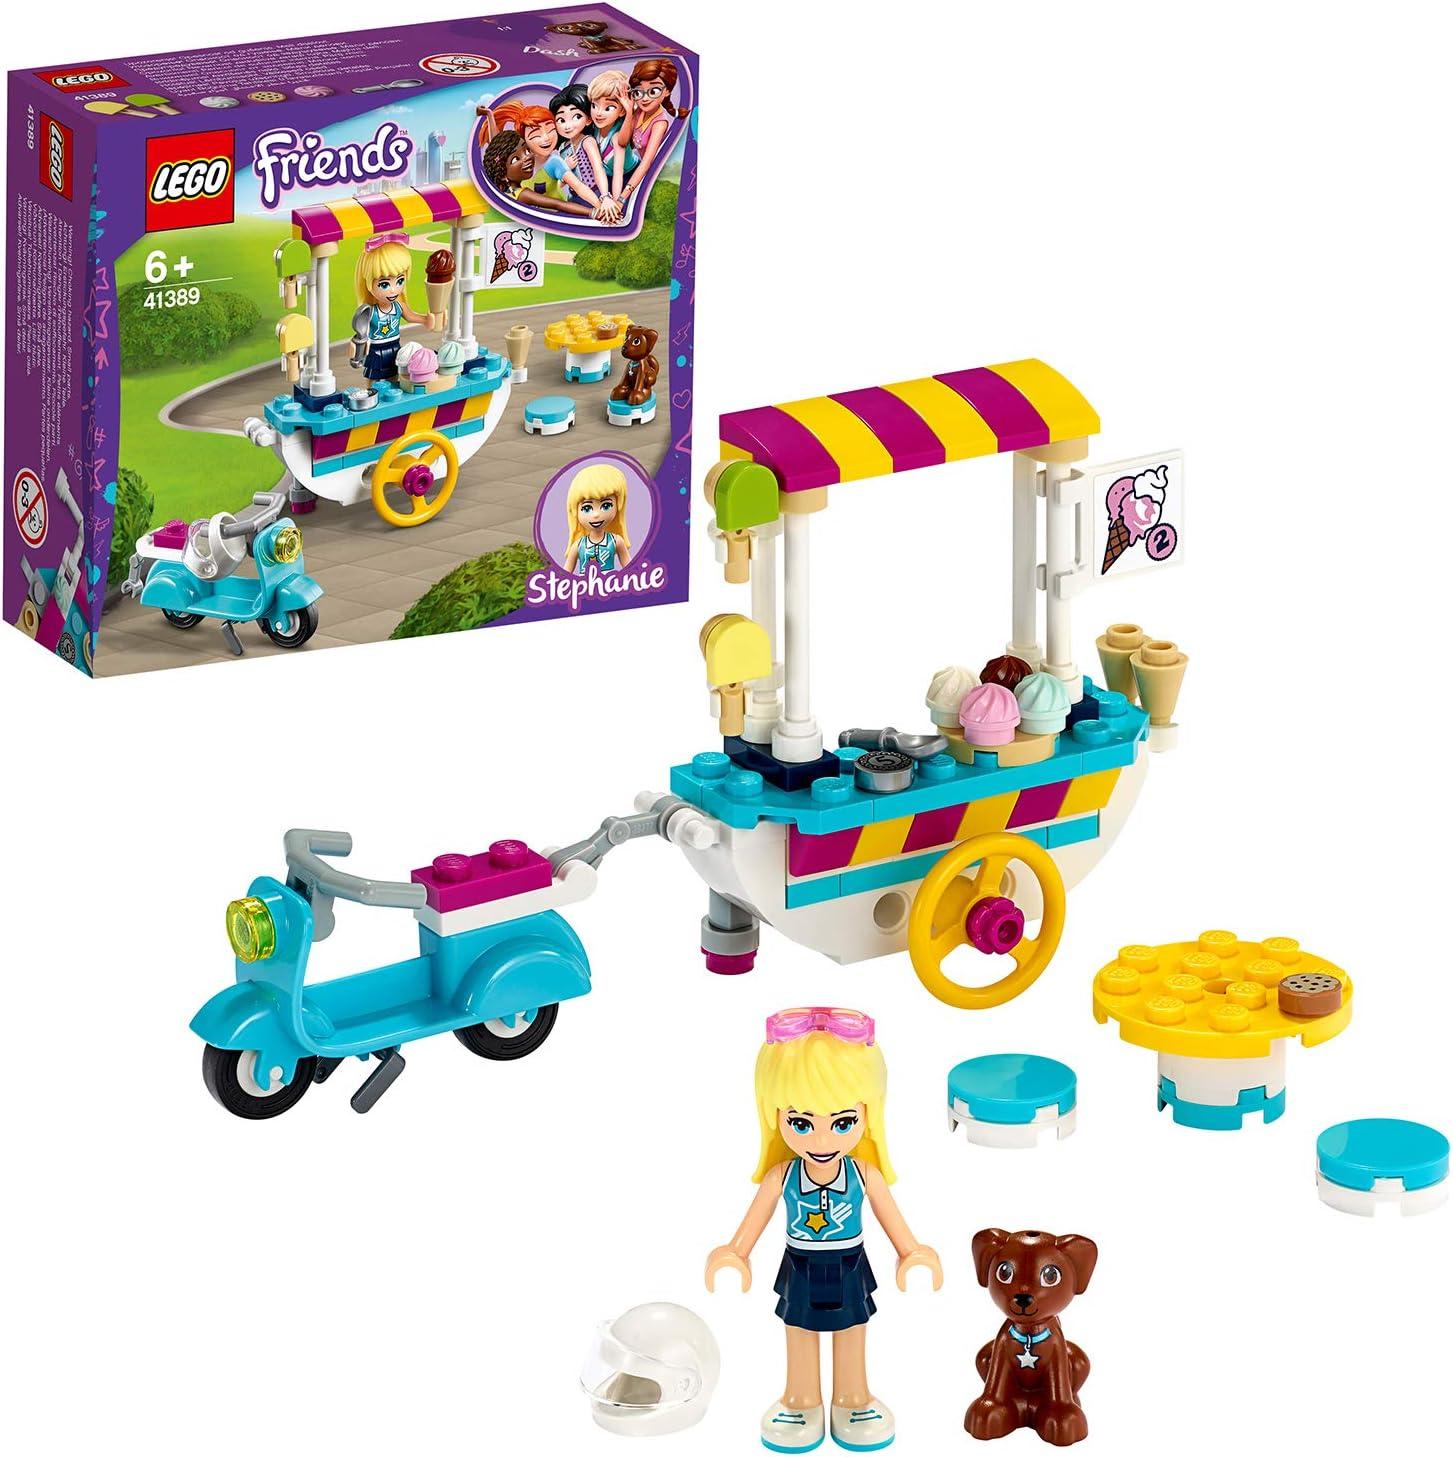 LEGO Friends - Heladería Móvil, Set de Construcción de Carrito para Vender Helados y Dulces, Incluye Muñeca de Stephanie, Dash el Perro y una Moto Scooter Azul (41389): Amazon.es: Juguetes y juegos